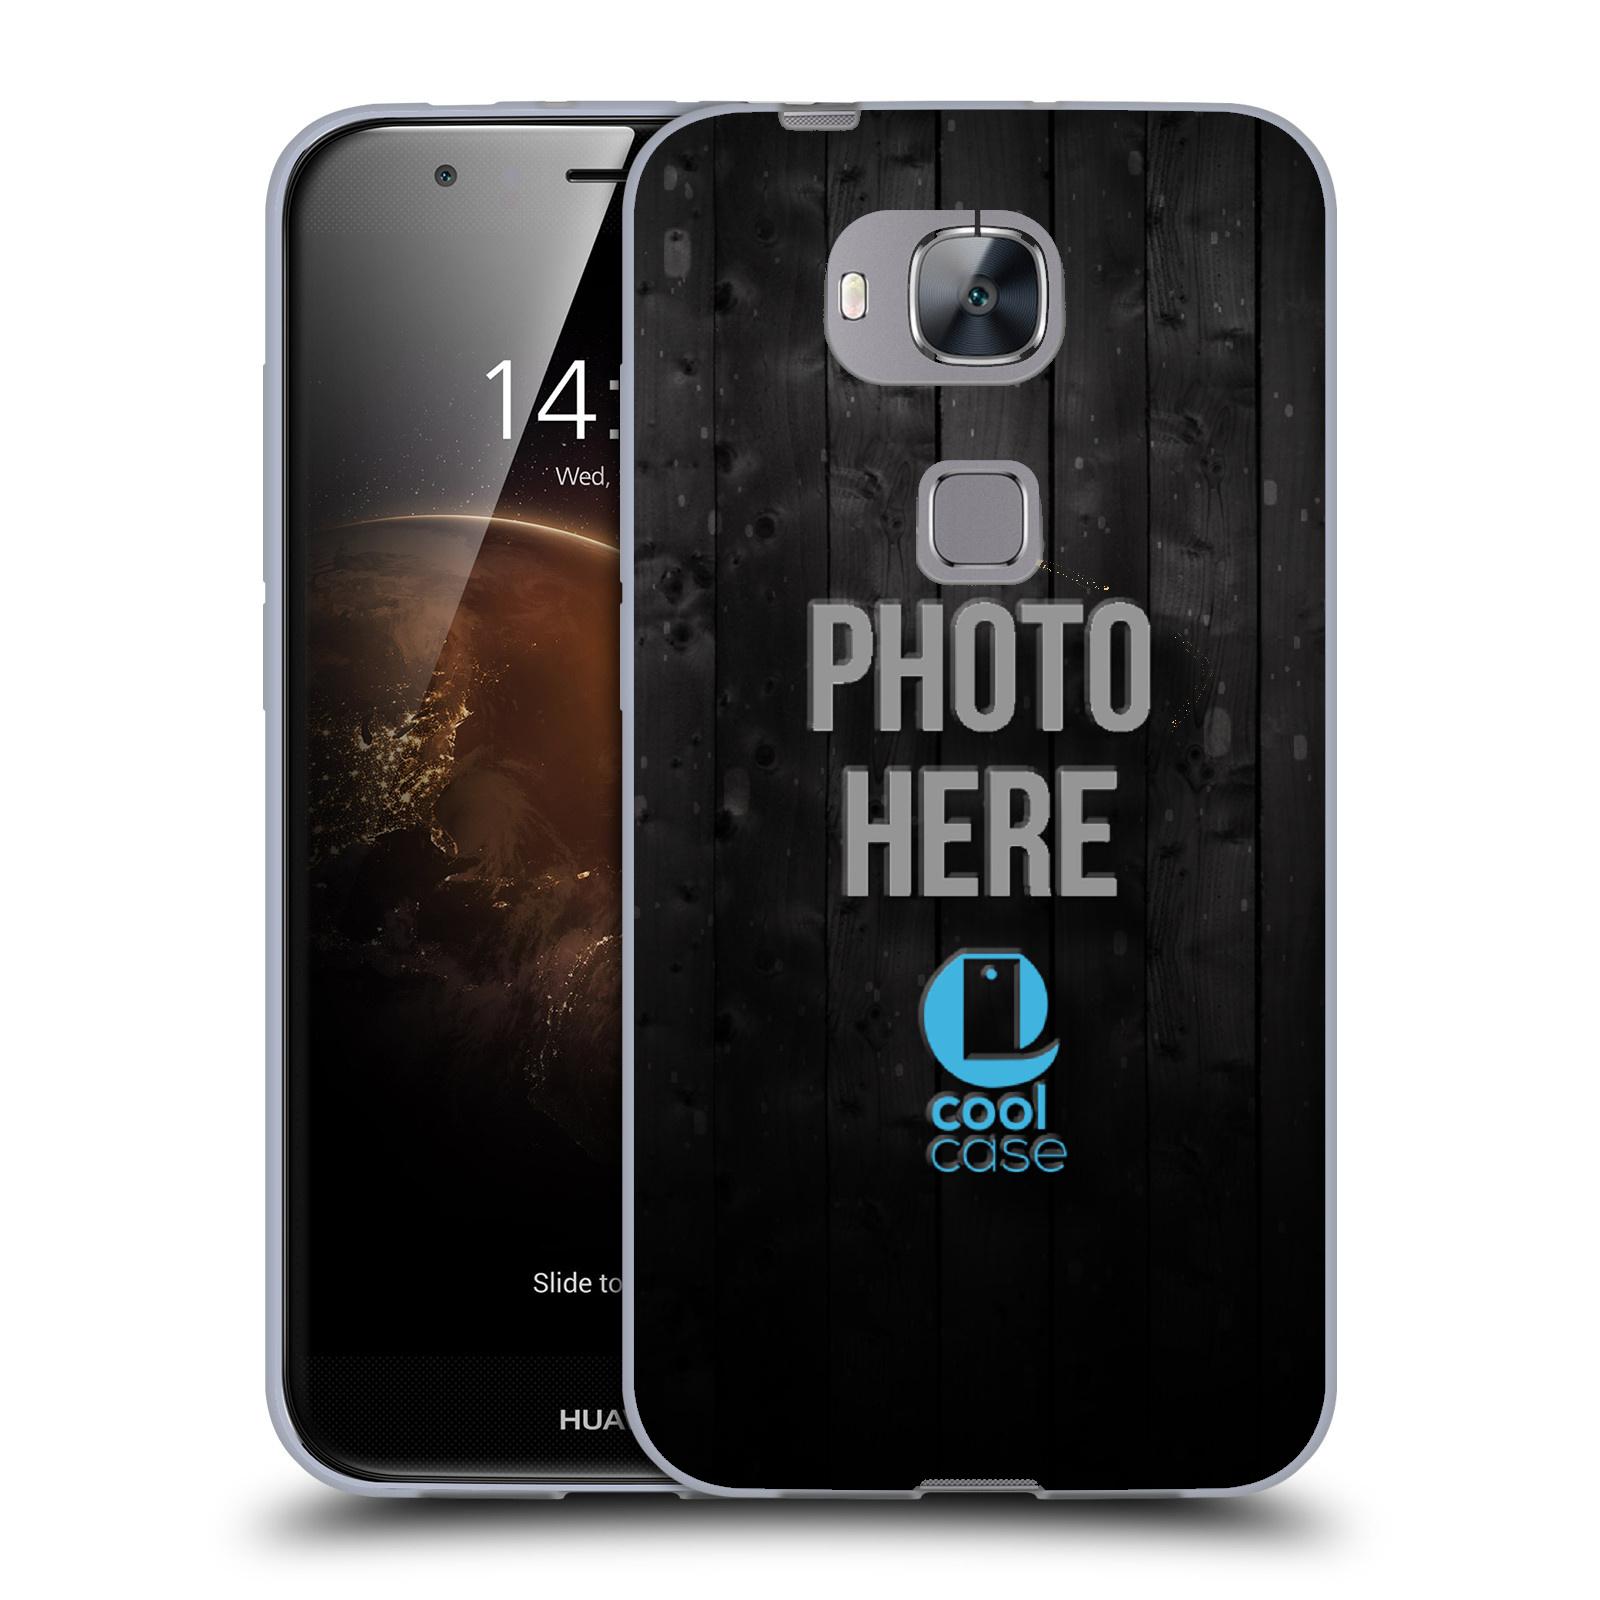 Silikonové pouzdro na mobil Huawei G8 / GX8 HEAD CASE s vlastním motivem (Silikonový kryt či obal s vlastní fotografií na mobilní telefon Huawei Ascend G8 (Rio))